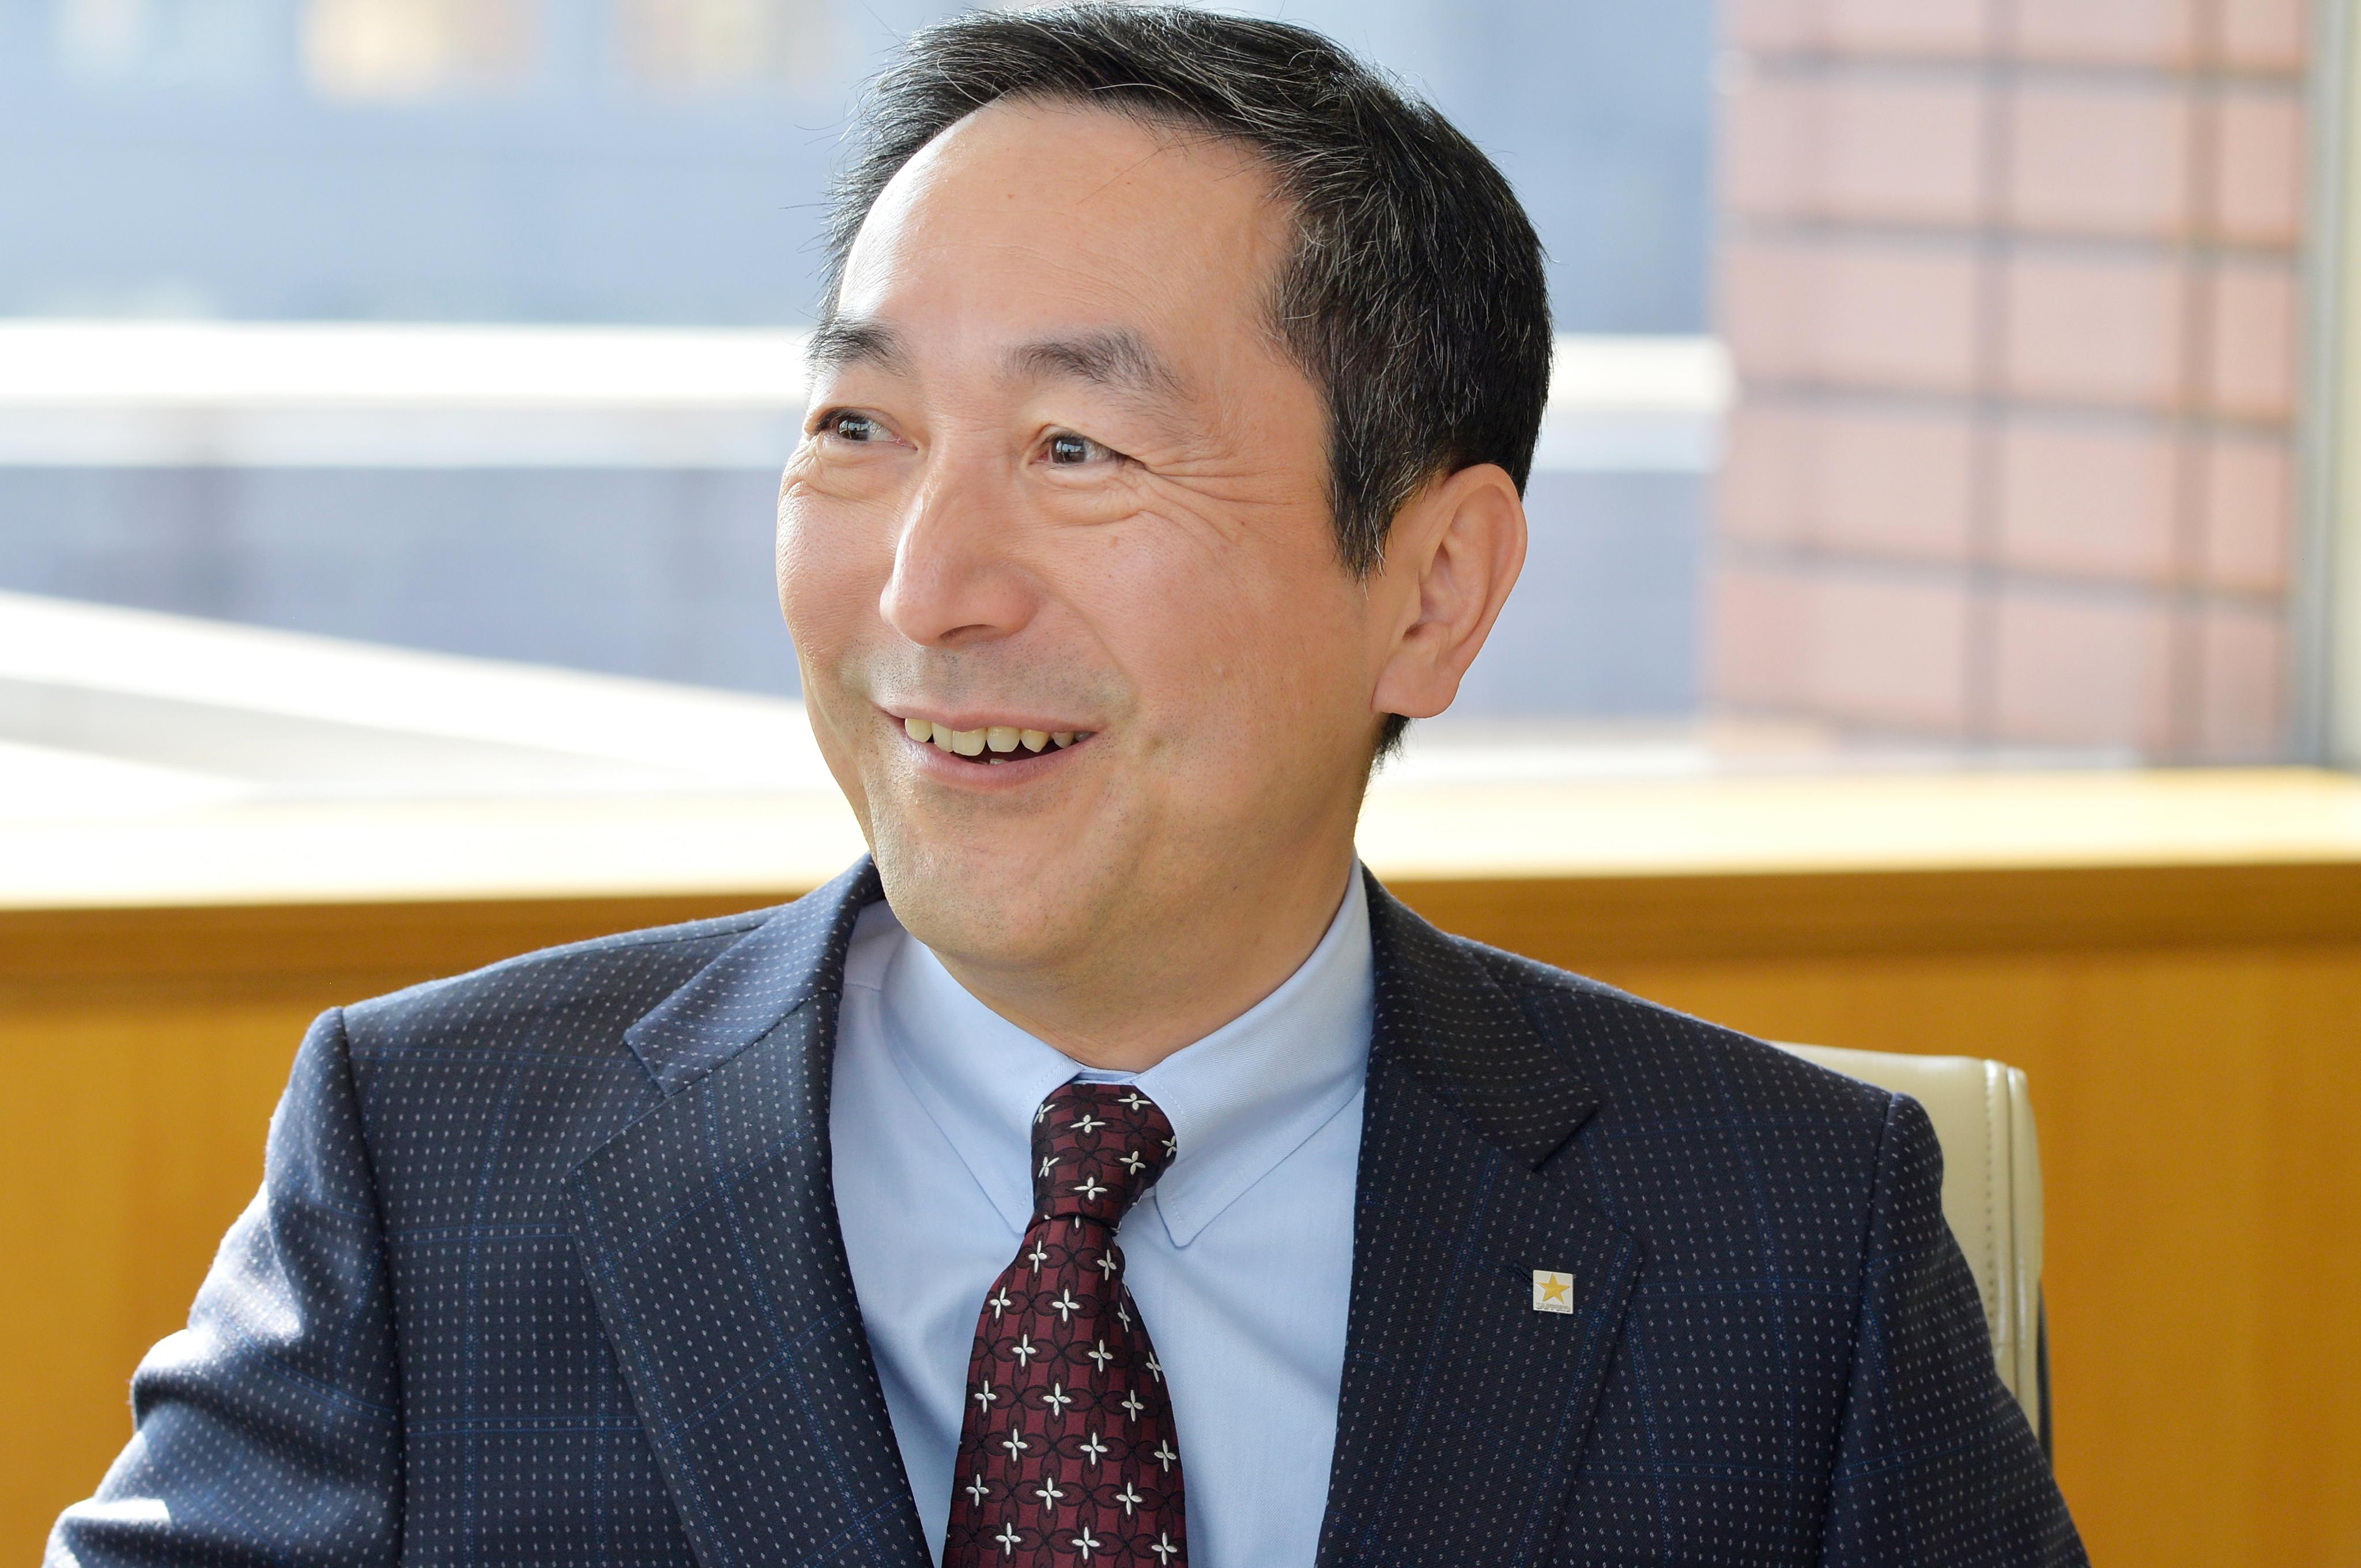 尾賀社長は「日々の中で新しい何かを見出すことが大切」と話す。